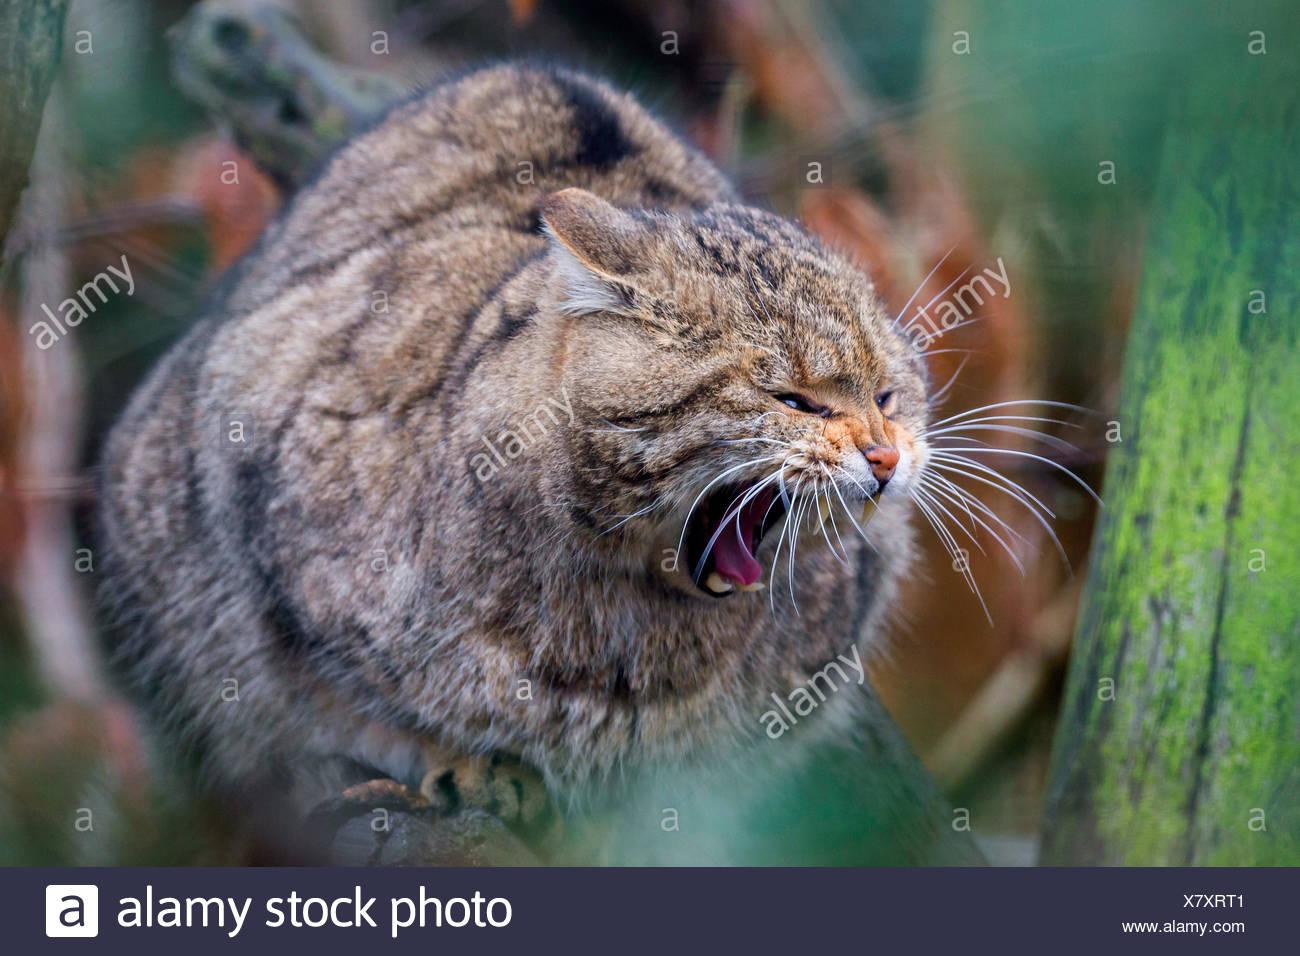 Gato Montés europeo, bosque de gato montés (Felis silvestris silvestris), se asienta sobre un árbol bostezando Imagen De Stock